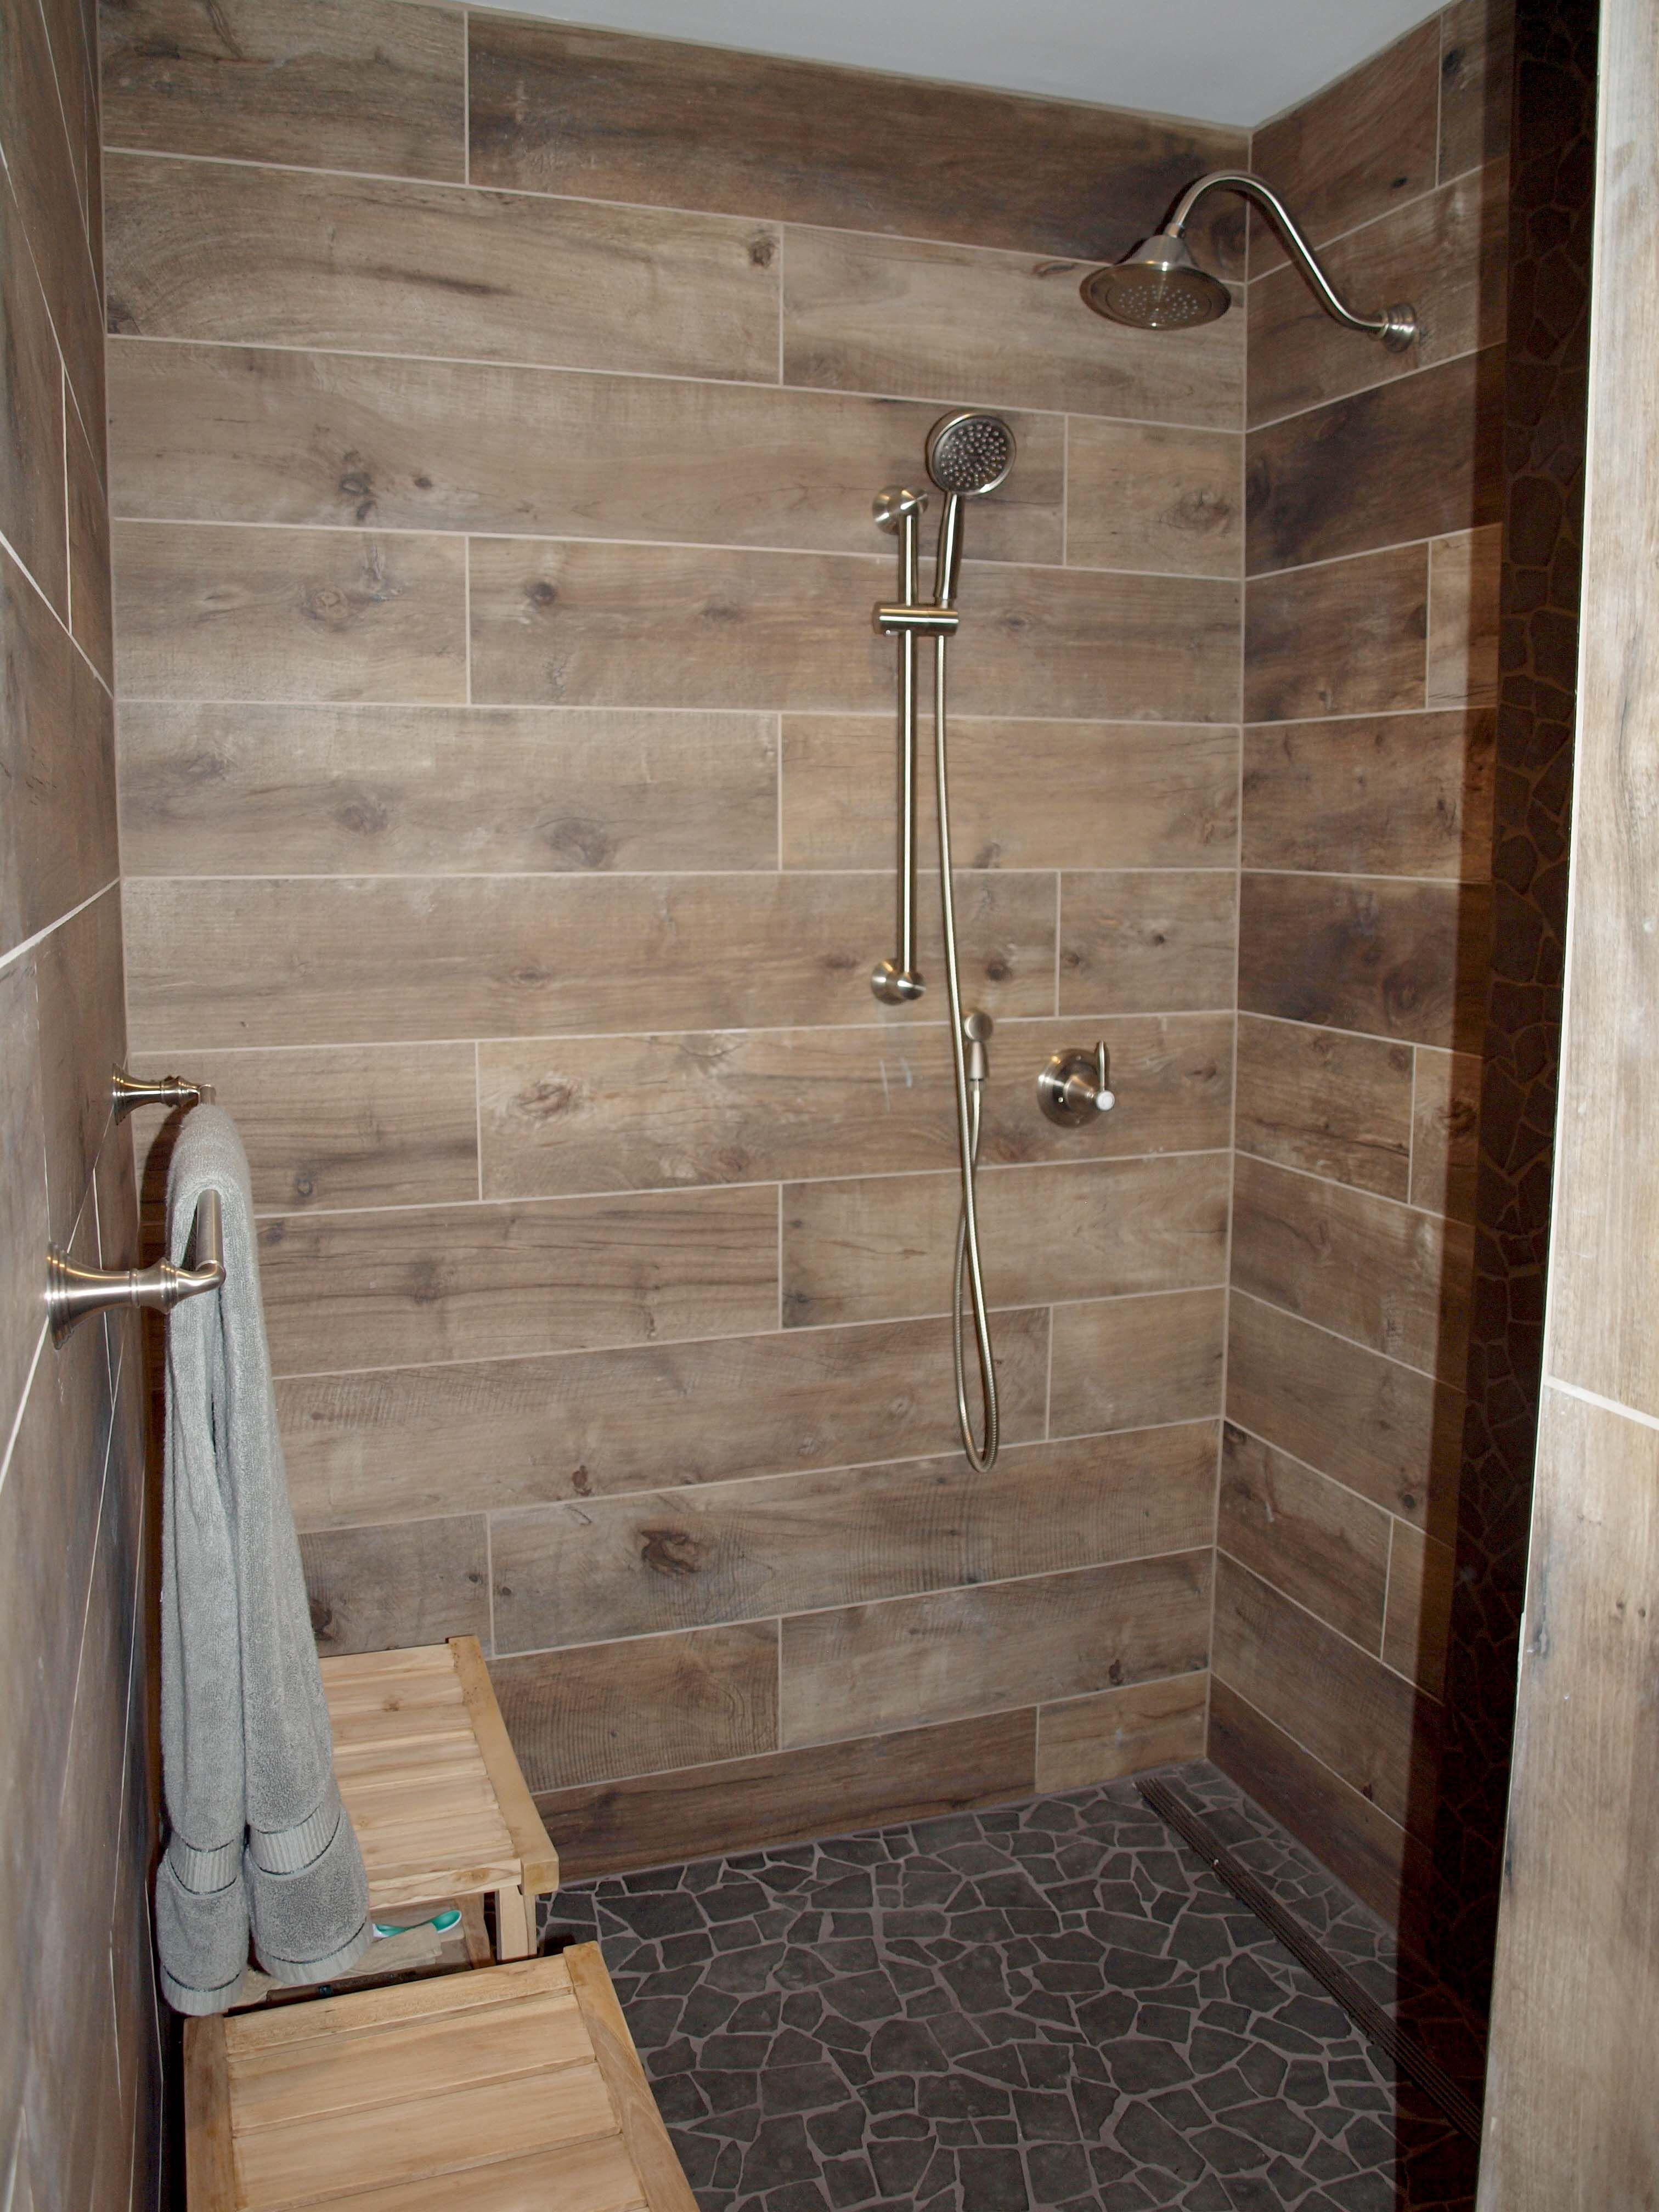 Wood Look Bathroom Wall